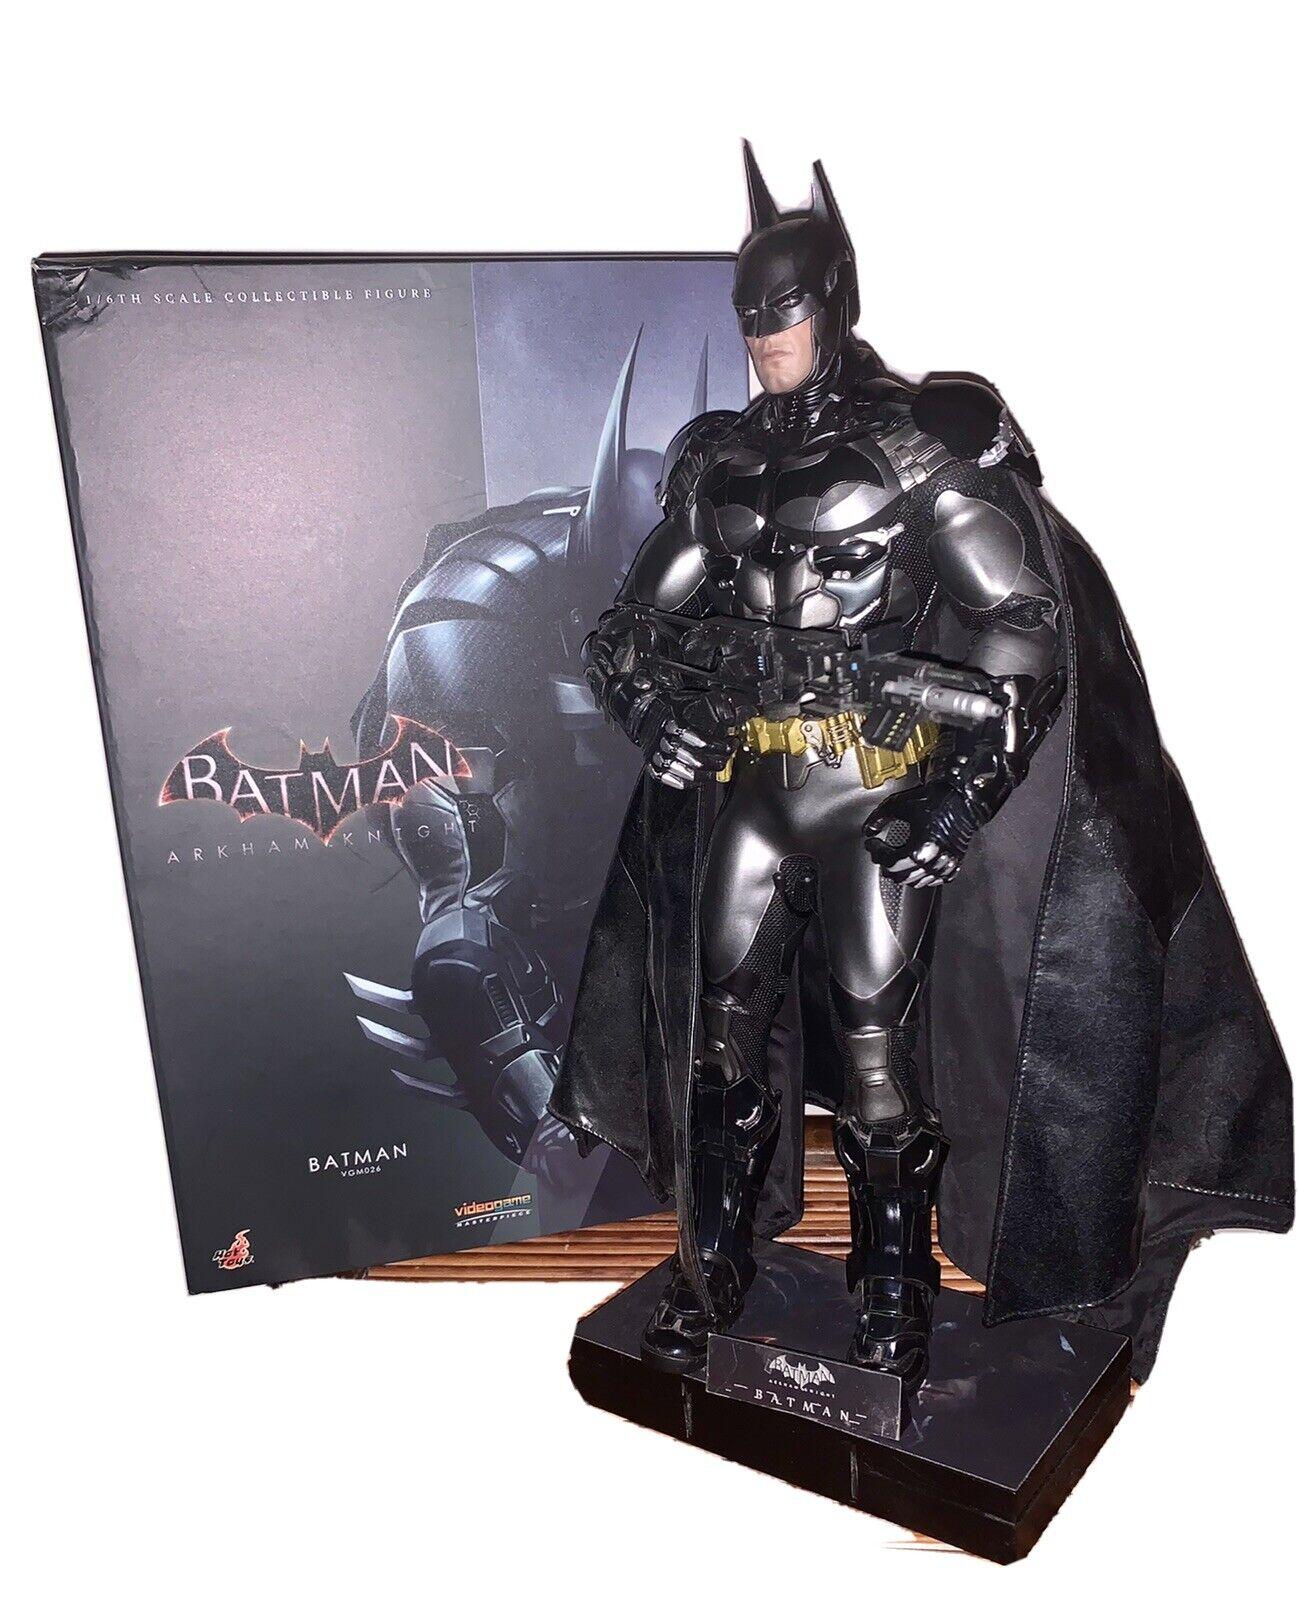 Hot Toys VGM026 Batman Arkham Knight on eBay thumbnail